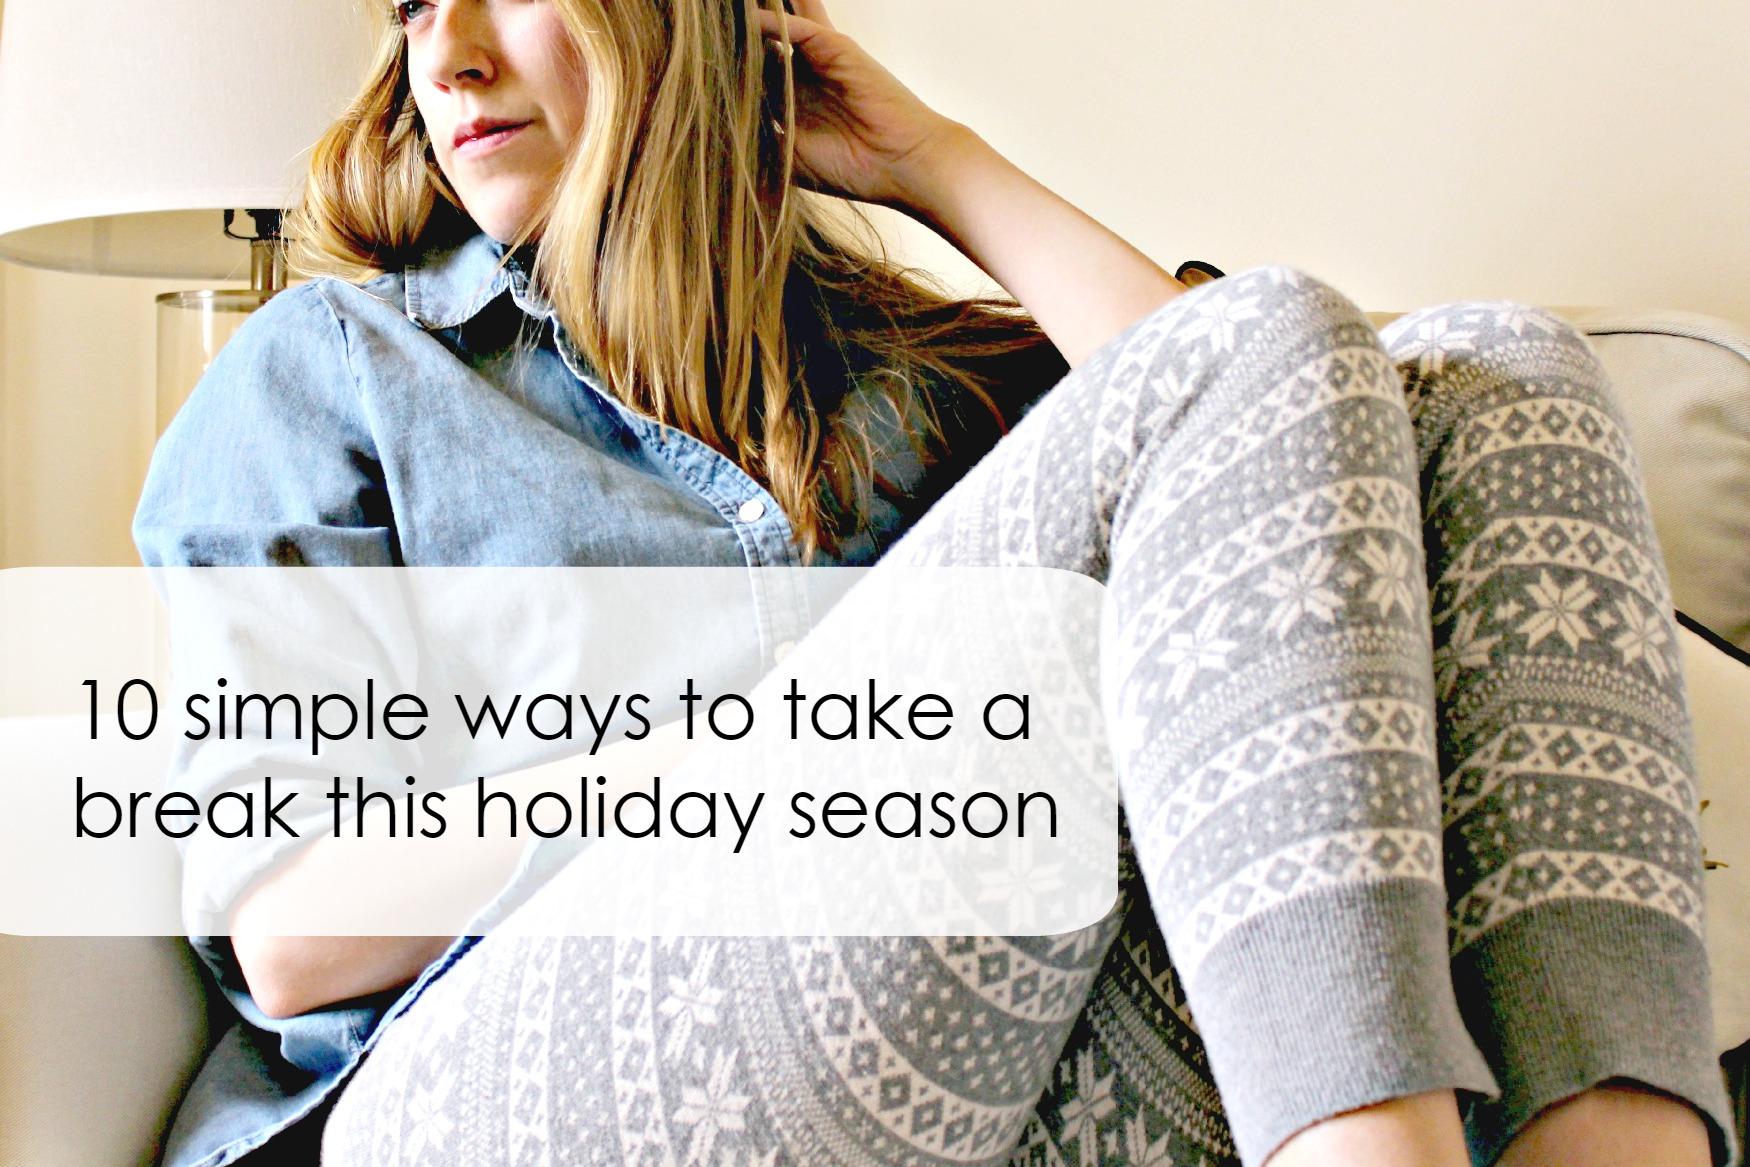 Ten Simple Ways to Take a Break This Holiday Season